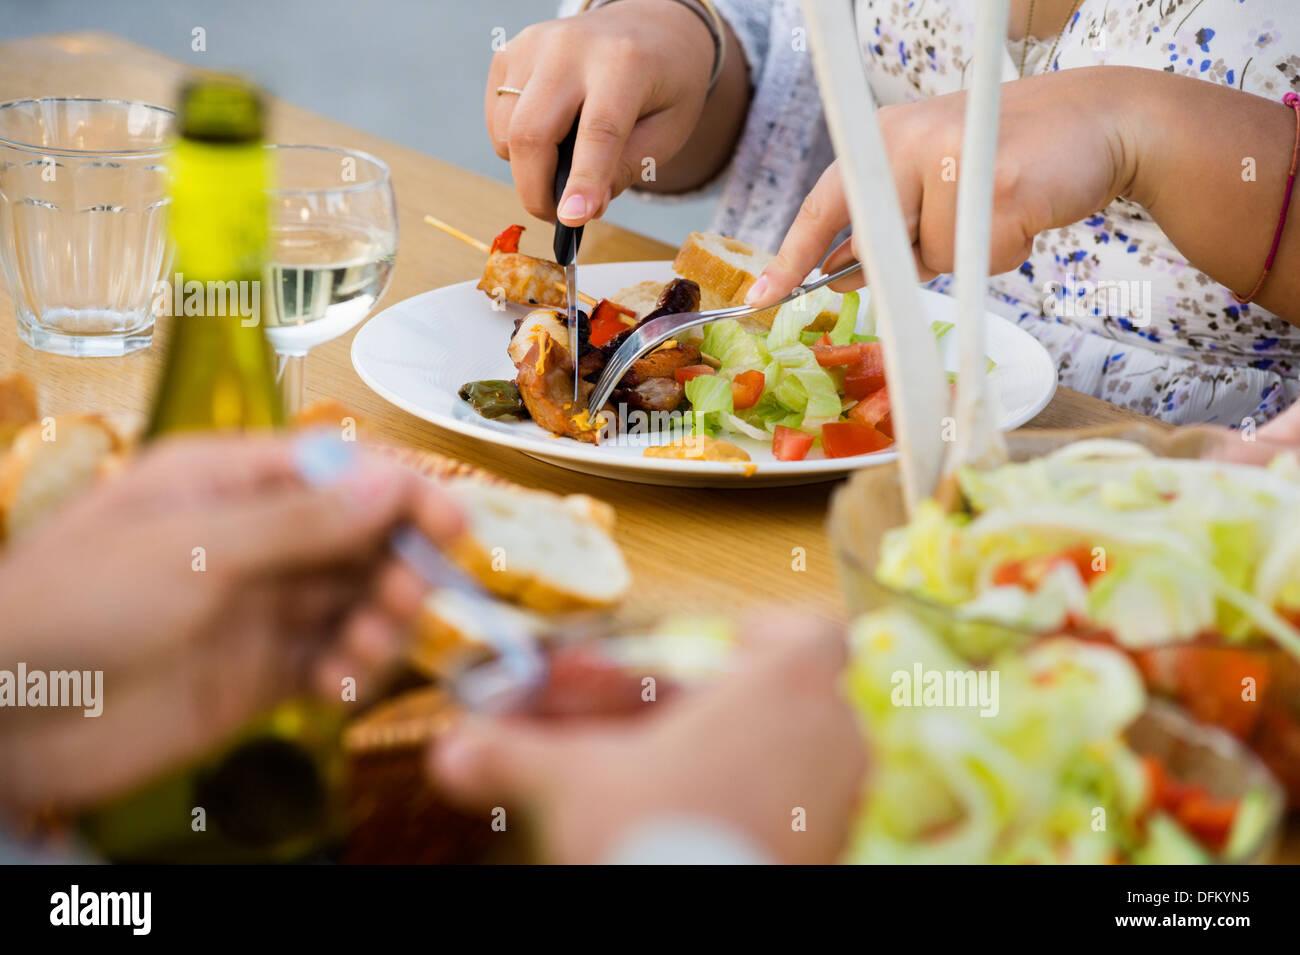 Sección media de la mujer cortando pedazo de carne en el plato en la mesa Imagen De Stock